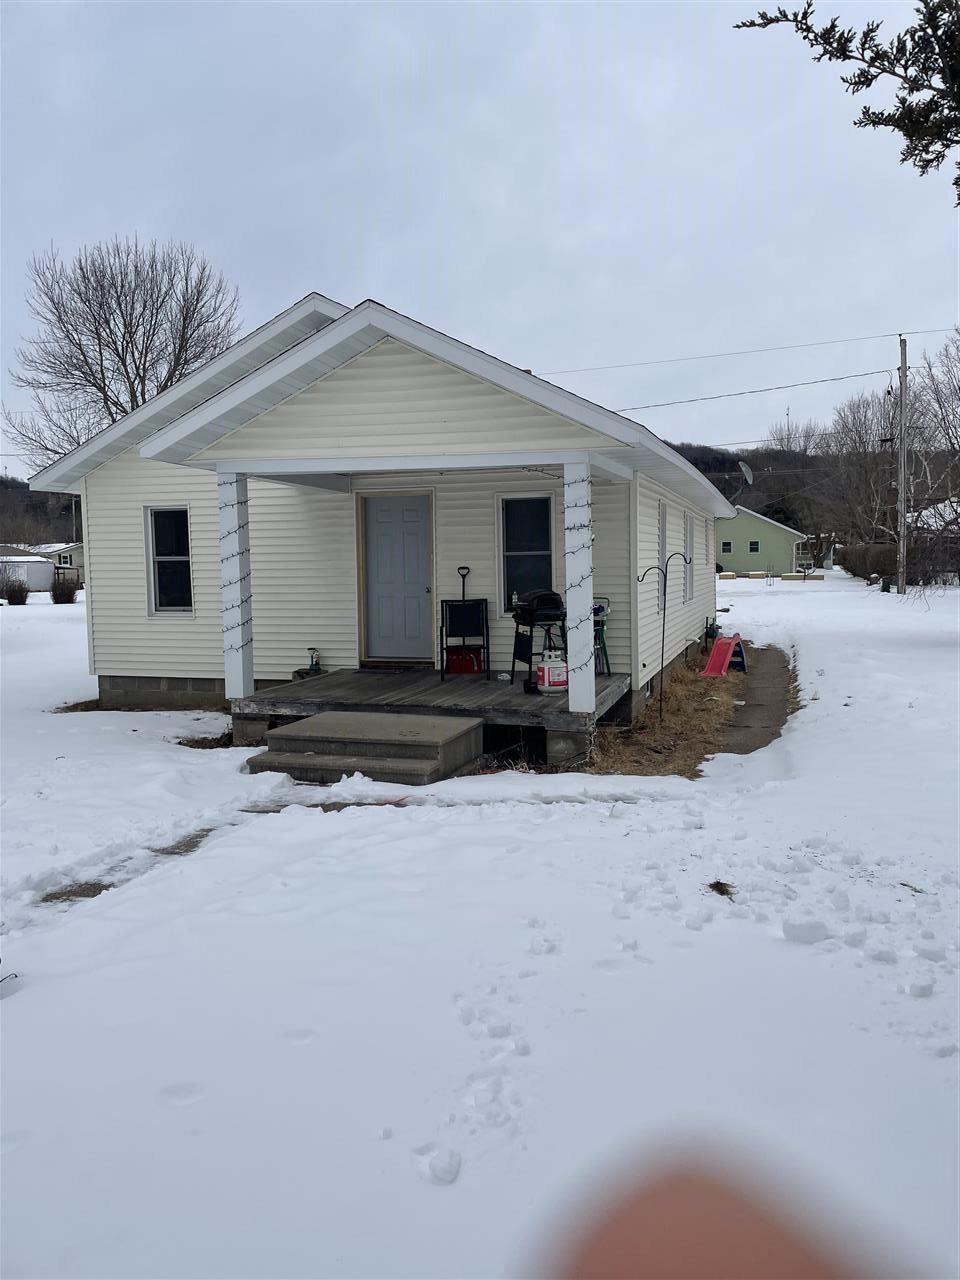 428 S STATE ST, Prairie du Chien, WI 53821 - #: 1901150